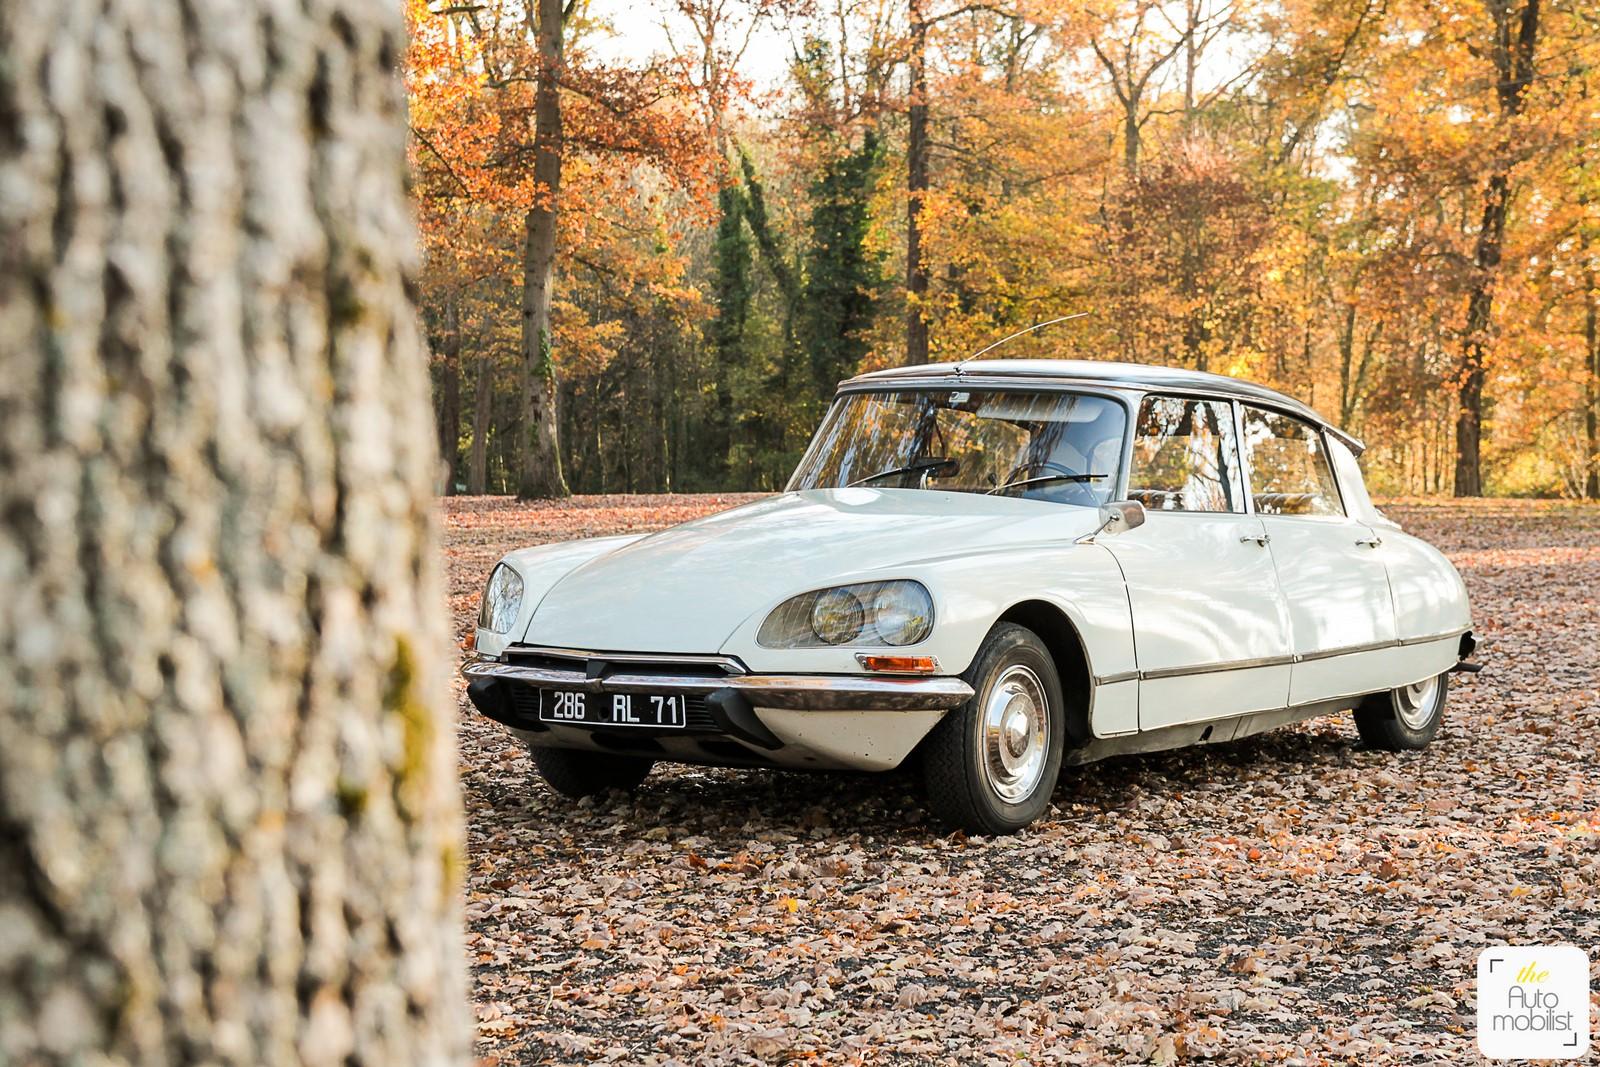 DS 20 Pallas 1969 AL The Automobilists 2018 10